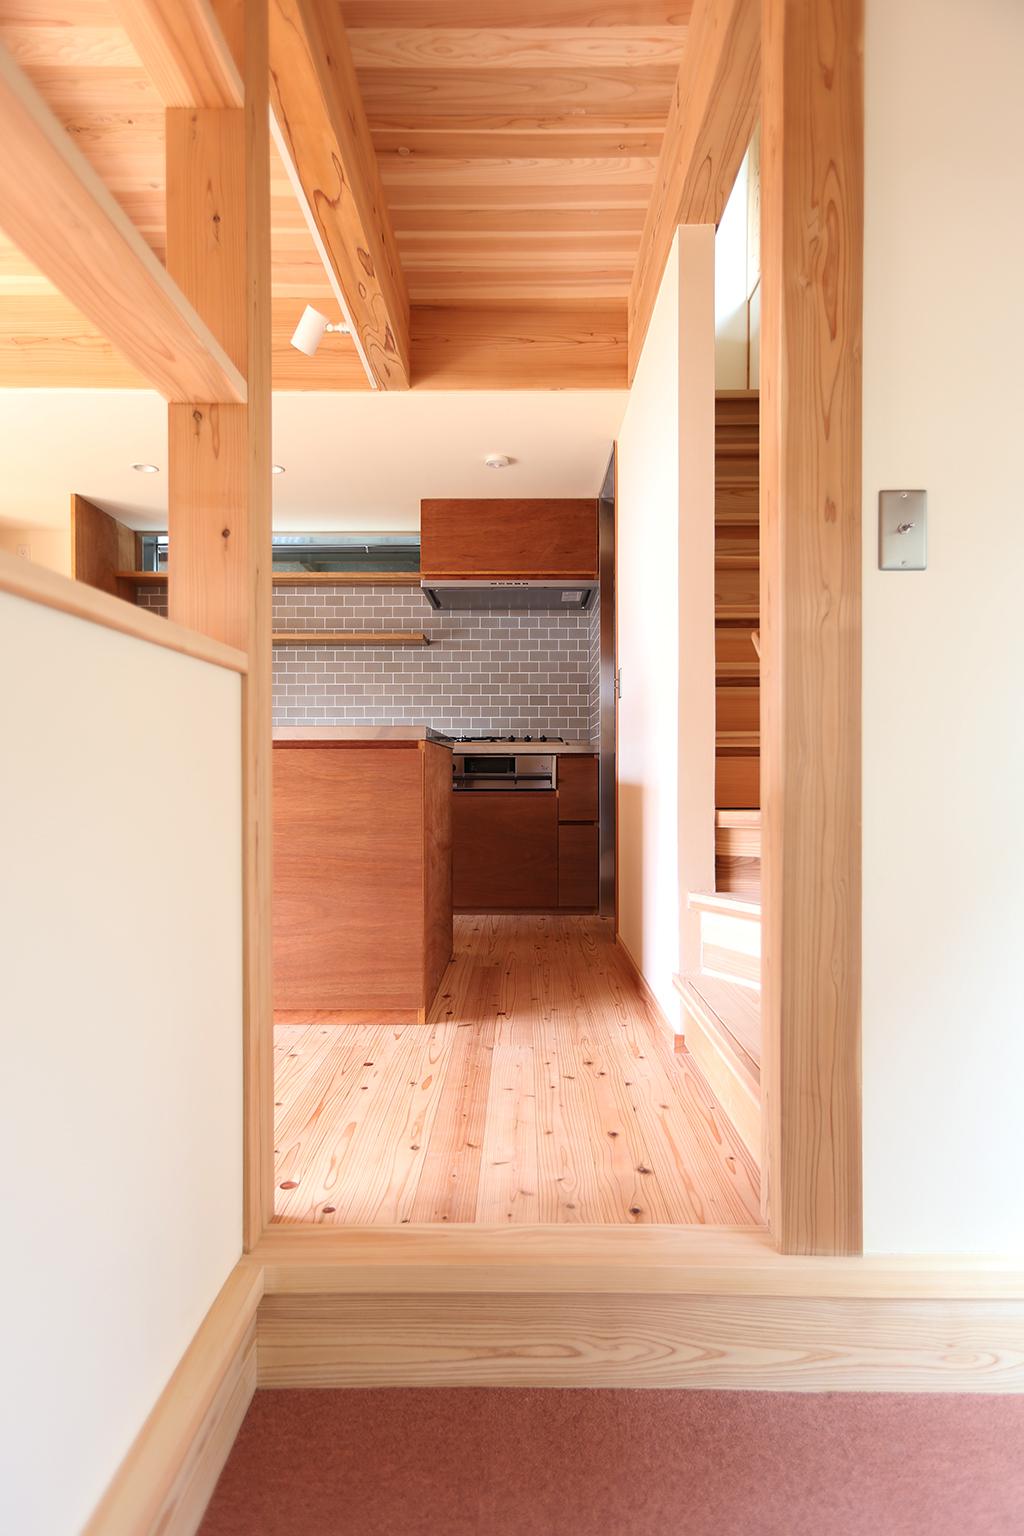 明石市の木の家 ピットリビングからキッチンを望む